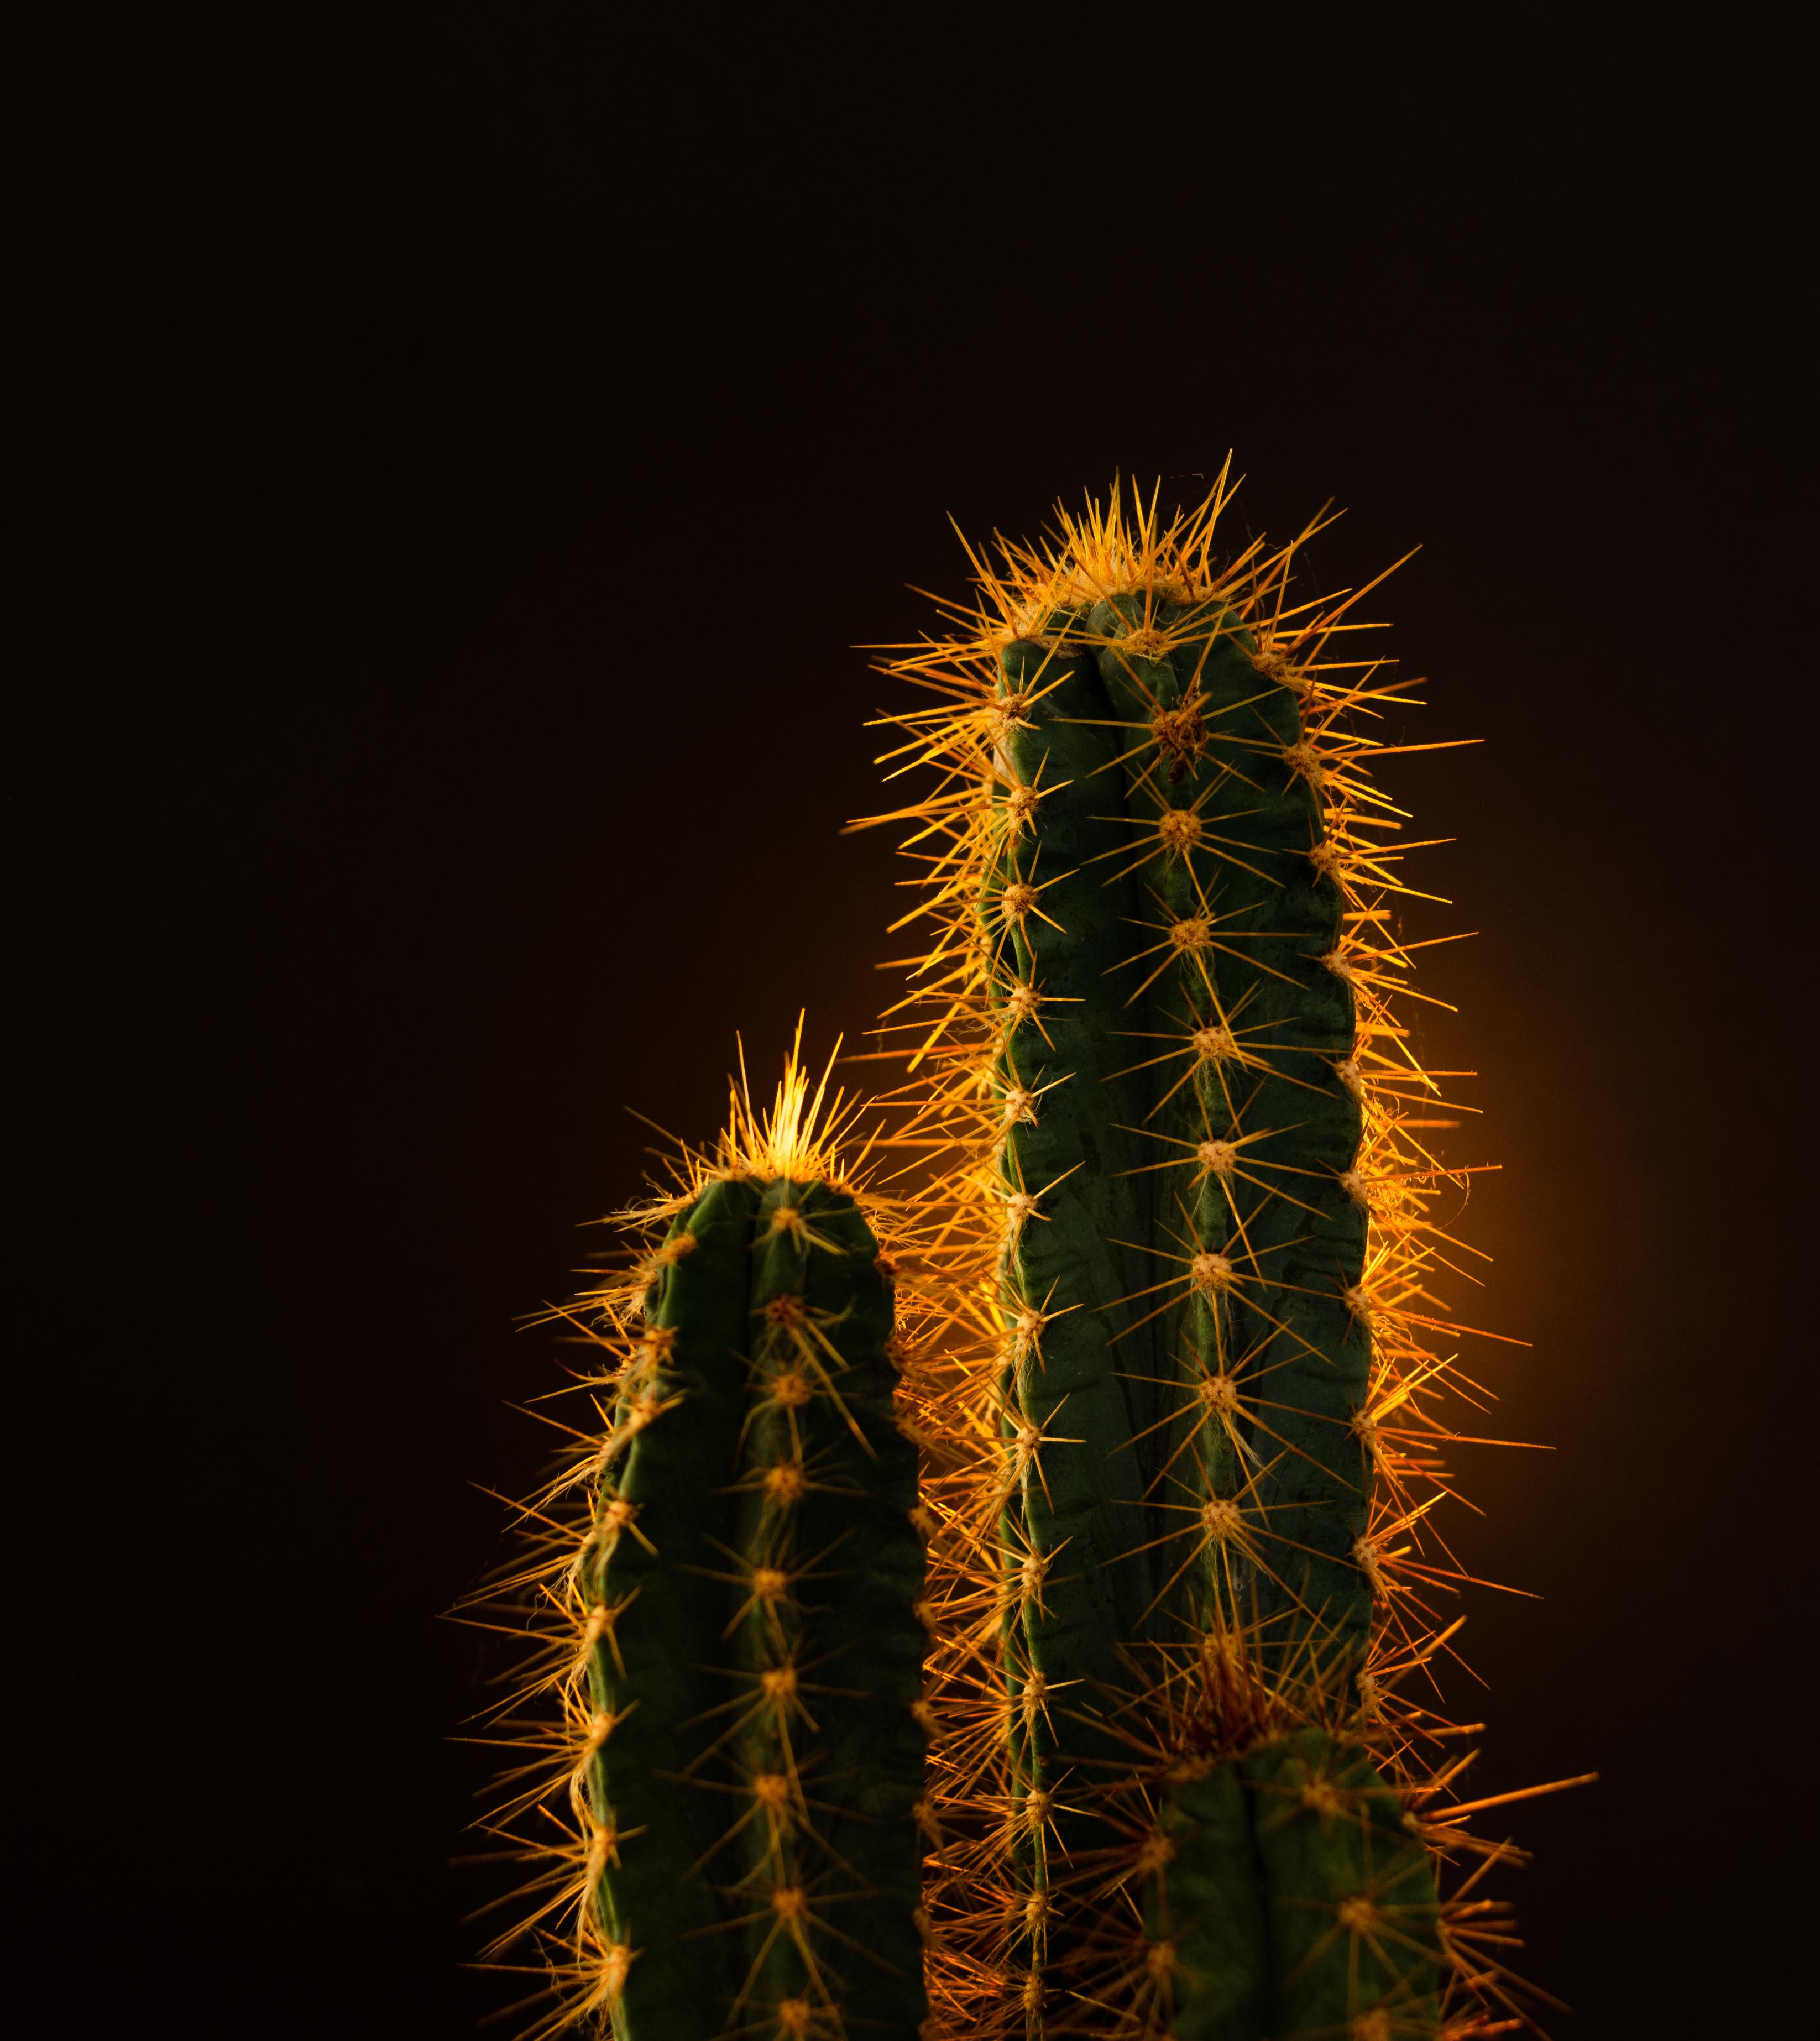 120411 Заставки и Обои Иголки на телефон. Скачать Природа, Иголки, Растение, Кактус картинки бесплатно